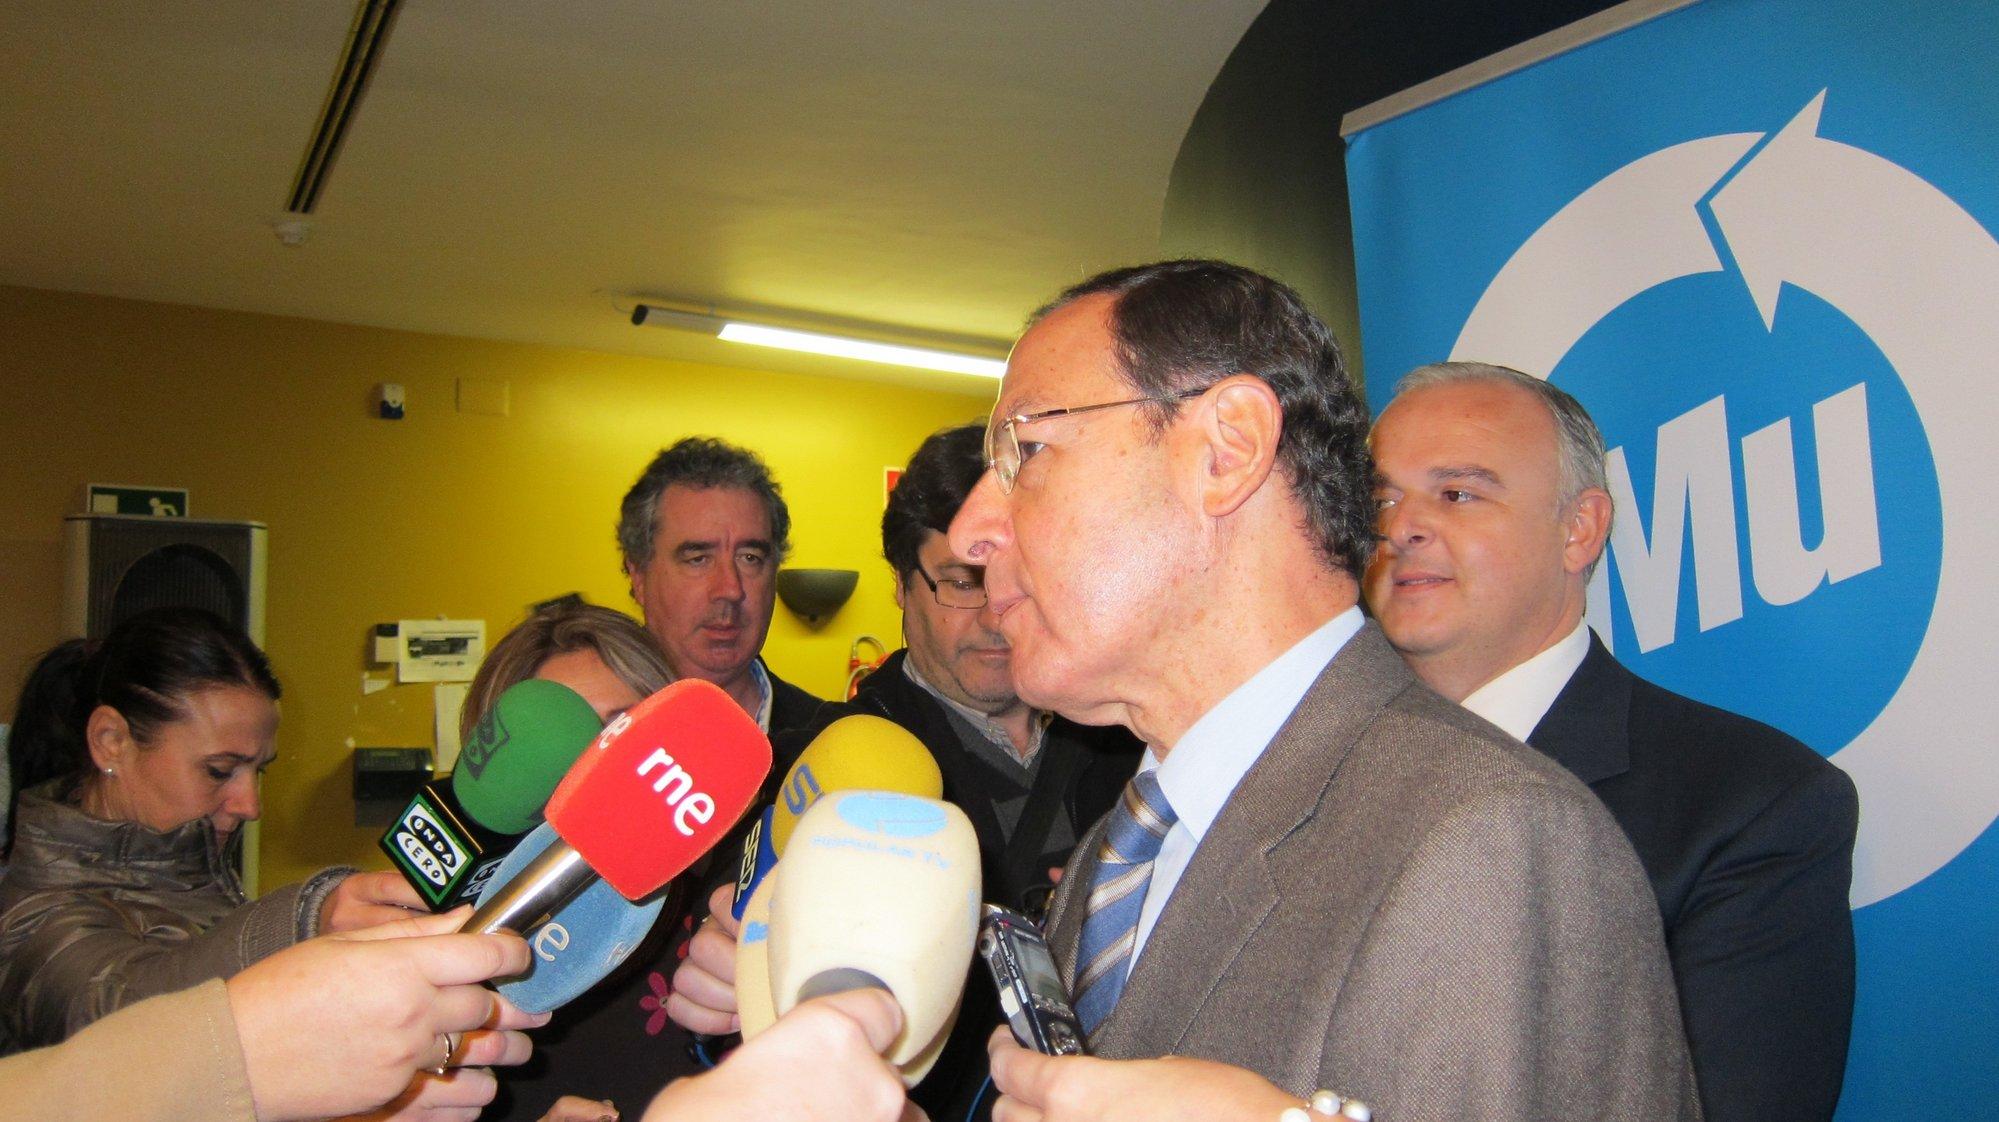 Cámara dice resultados ponen de manifiesto que mayoría «quiere seguir» dentro de espacio de normalidad y cohesión